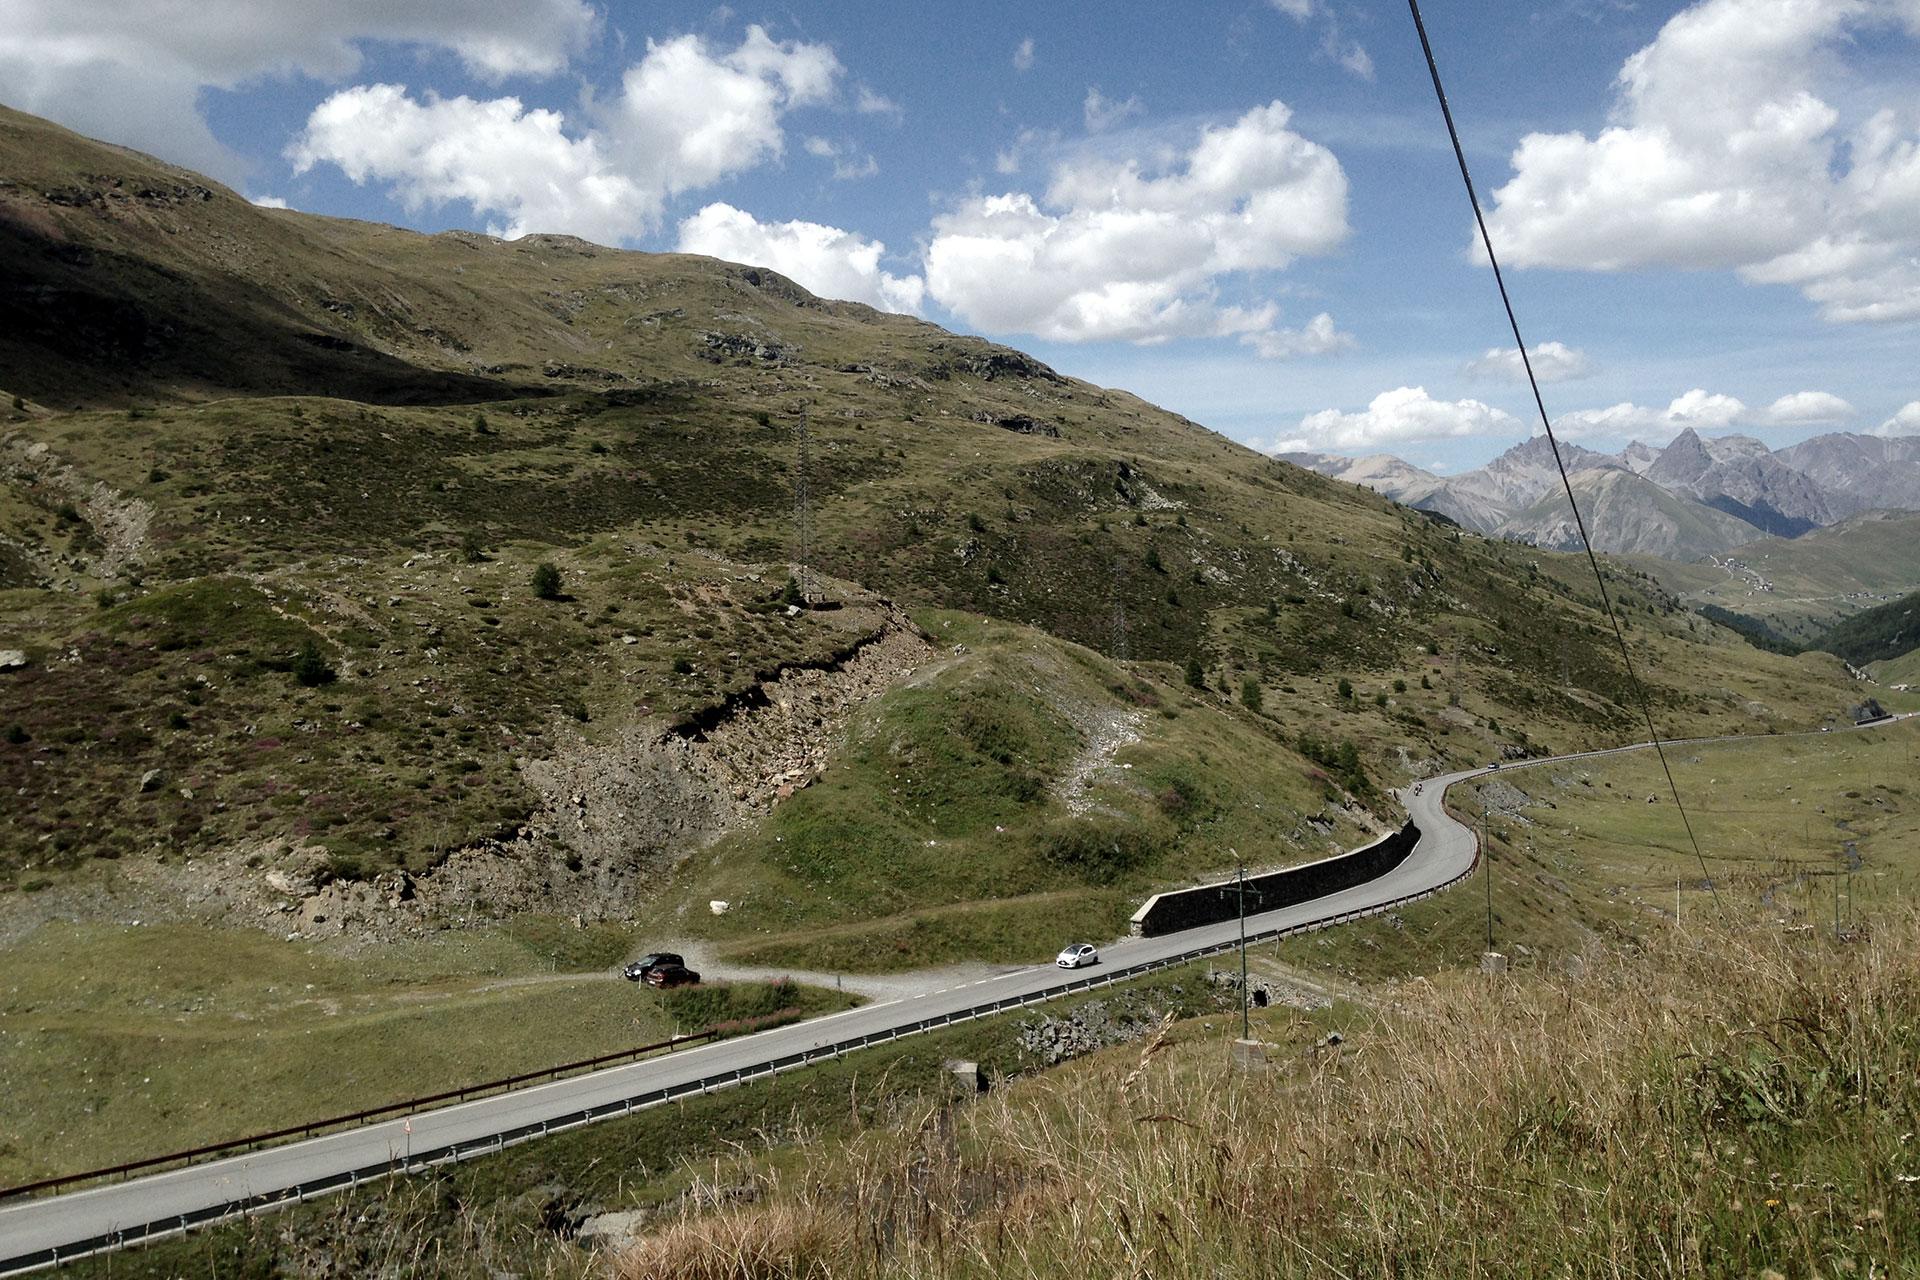 IRONMAN VICHY 2017 The Making of an Ironman Triathlete #3 / Auf dem Weg zum Stilfserjoch von Livigno sind der Passo d'Eira und del Foscagno zu überfahren © Stefan Drexl